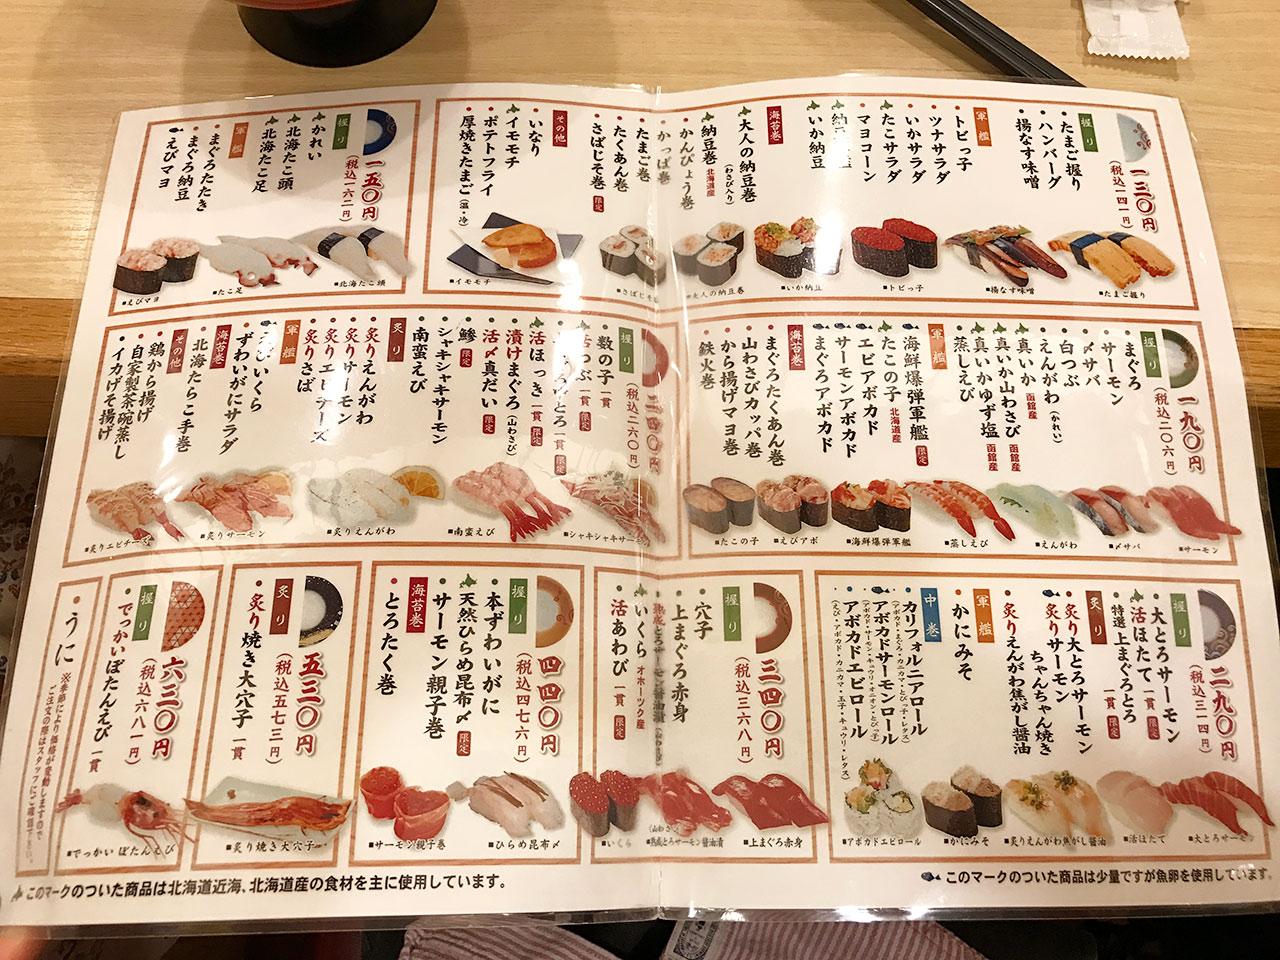 東京ソラマチ「トリトン」のメニュー03